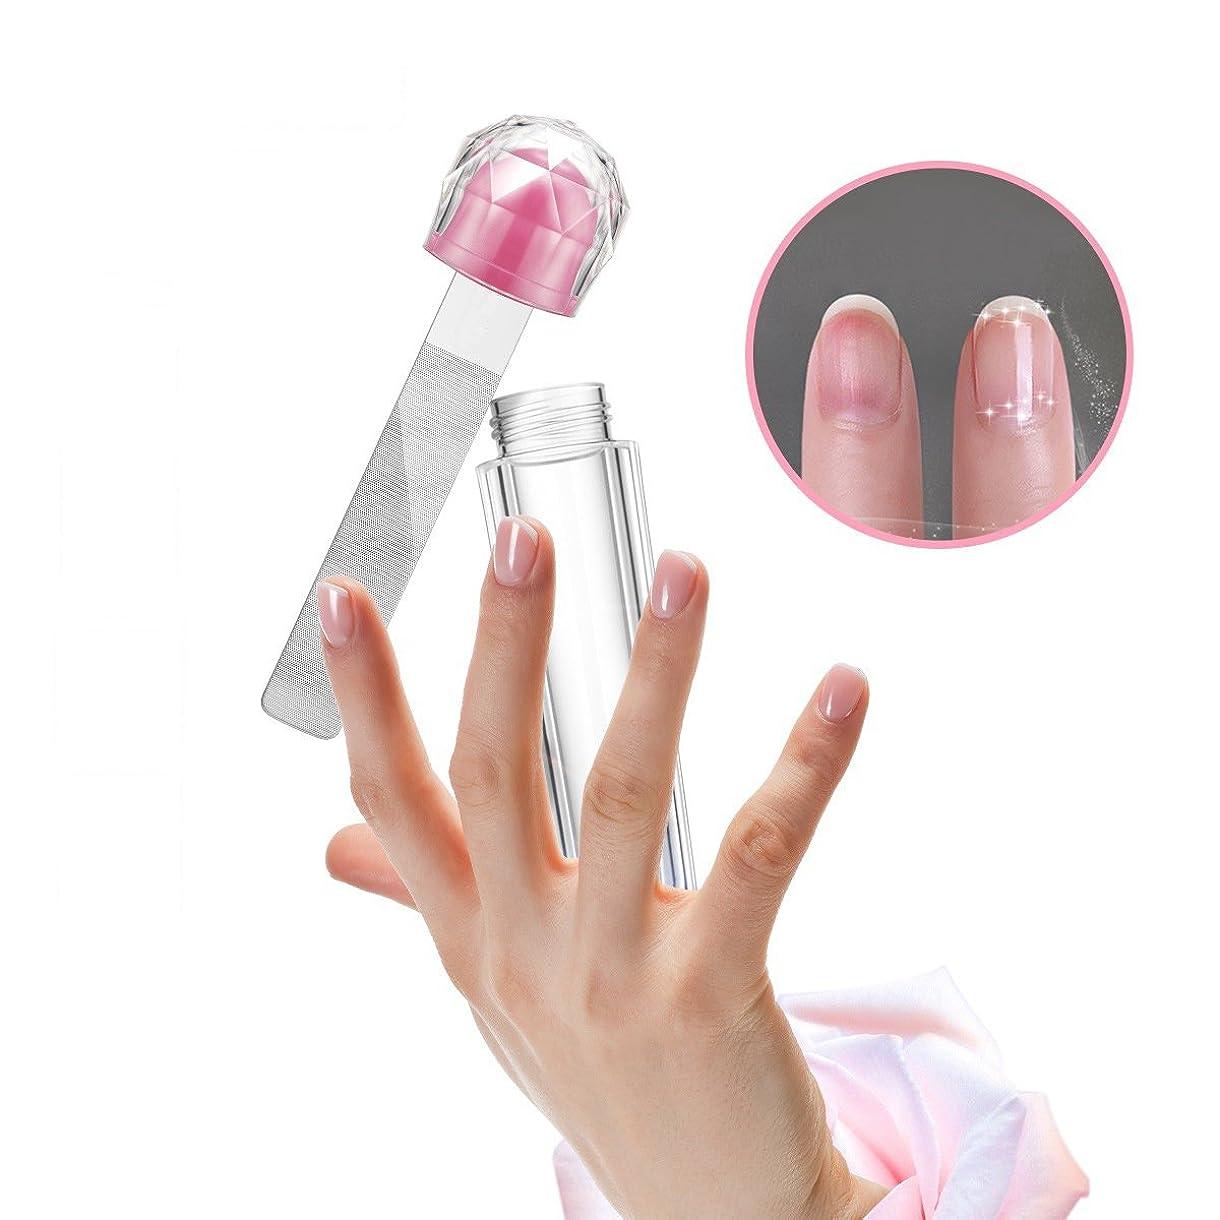 石化する定期的換気Beatease 専門的な爪磨き用のやすり、水で洗えるガラス爪バッファ美容ネイルアート